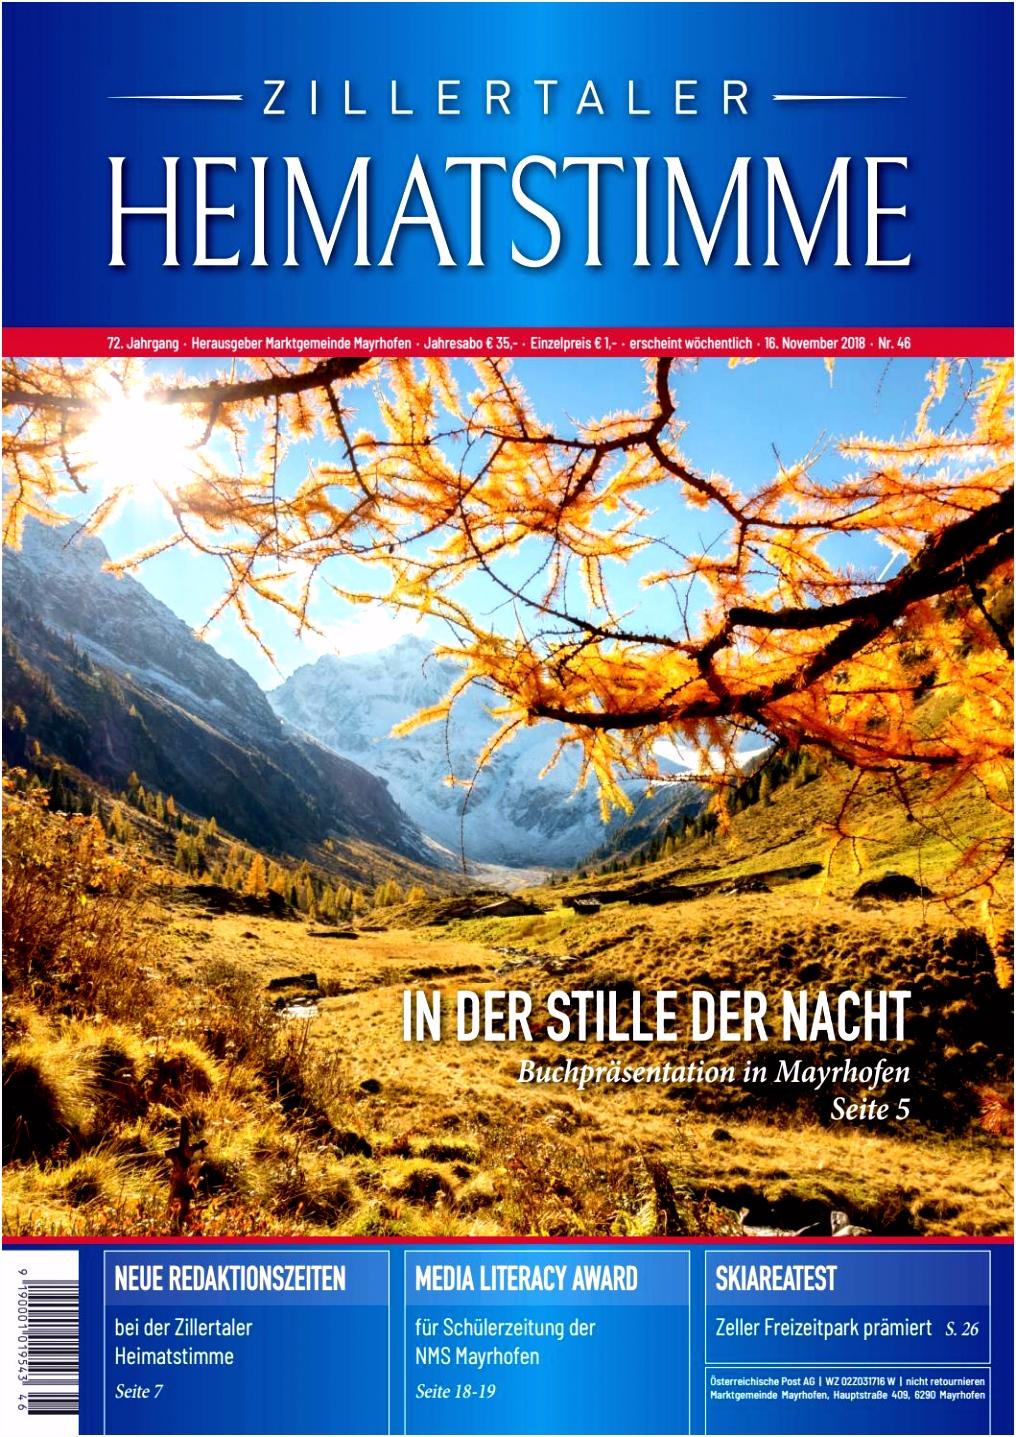 Zillertaler Heimatstimme Ausgabe 46 2018 by Zillertaler